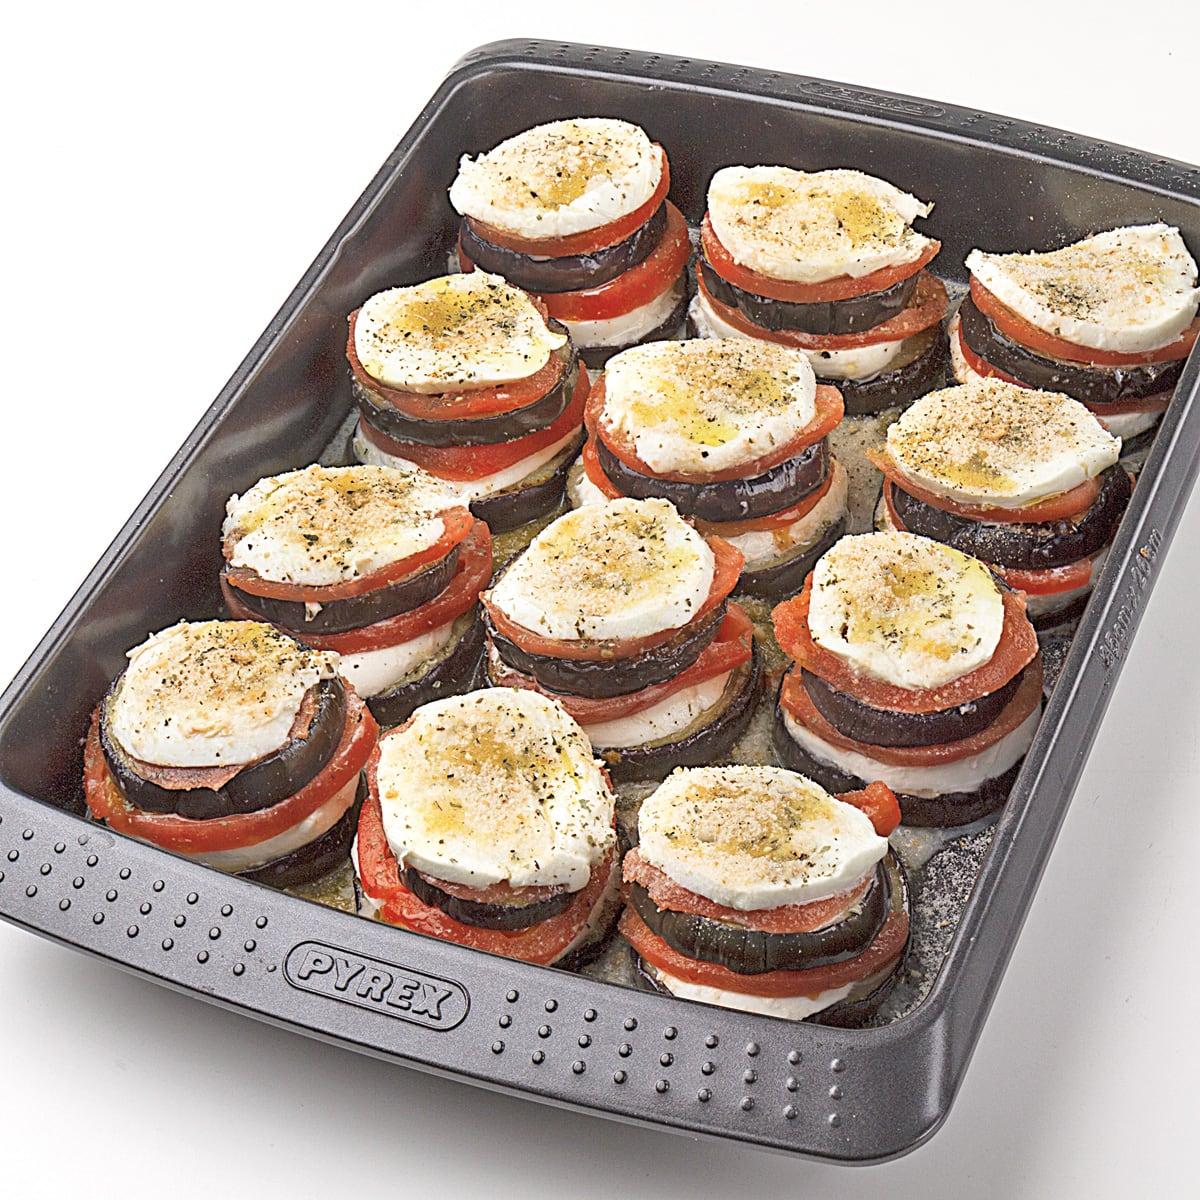 Recetas de berenjenas al horno con mozzarella y queso